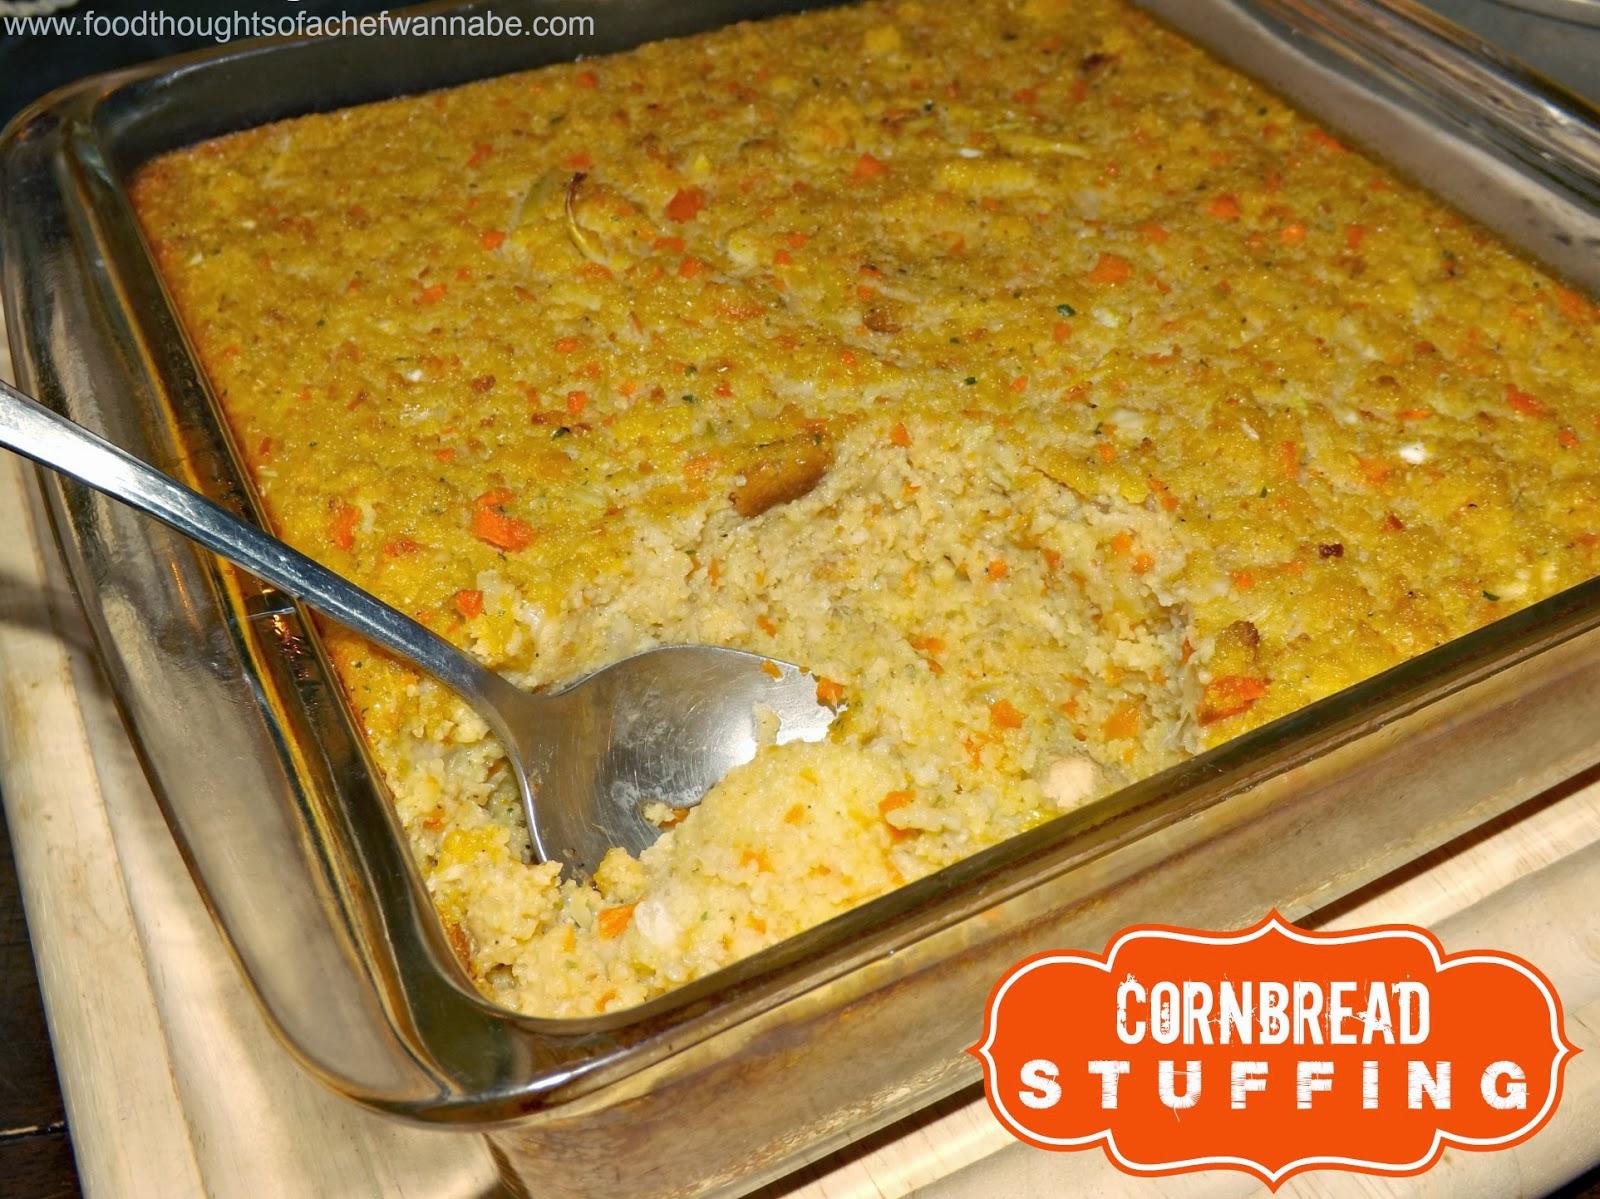 FoodThoughtsOfaChefWannabe: Cornbread Stuffing